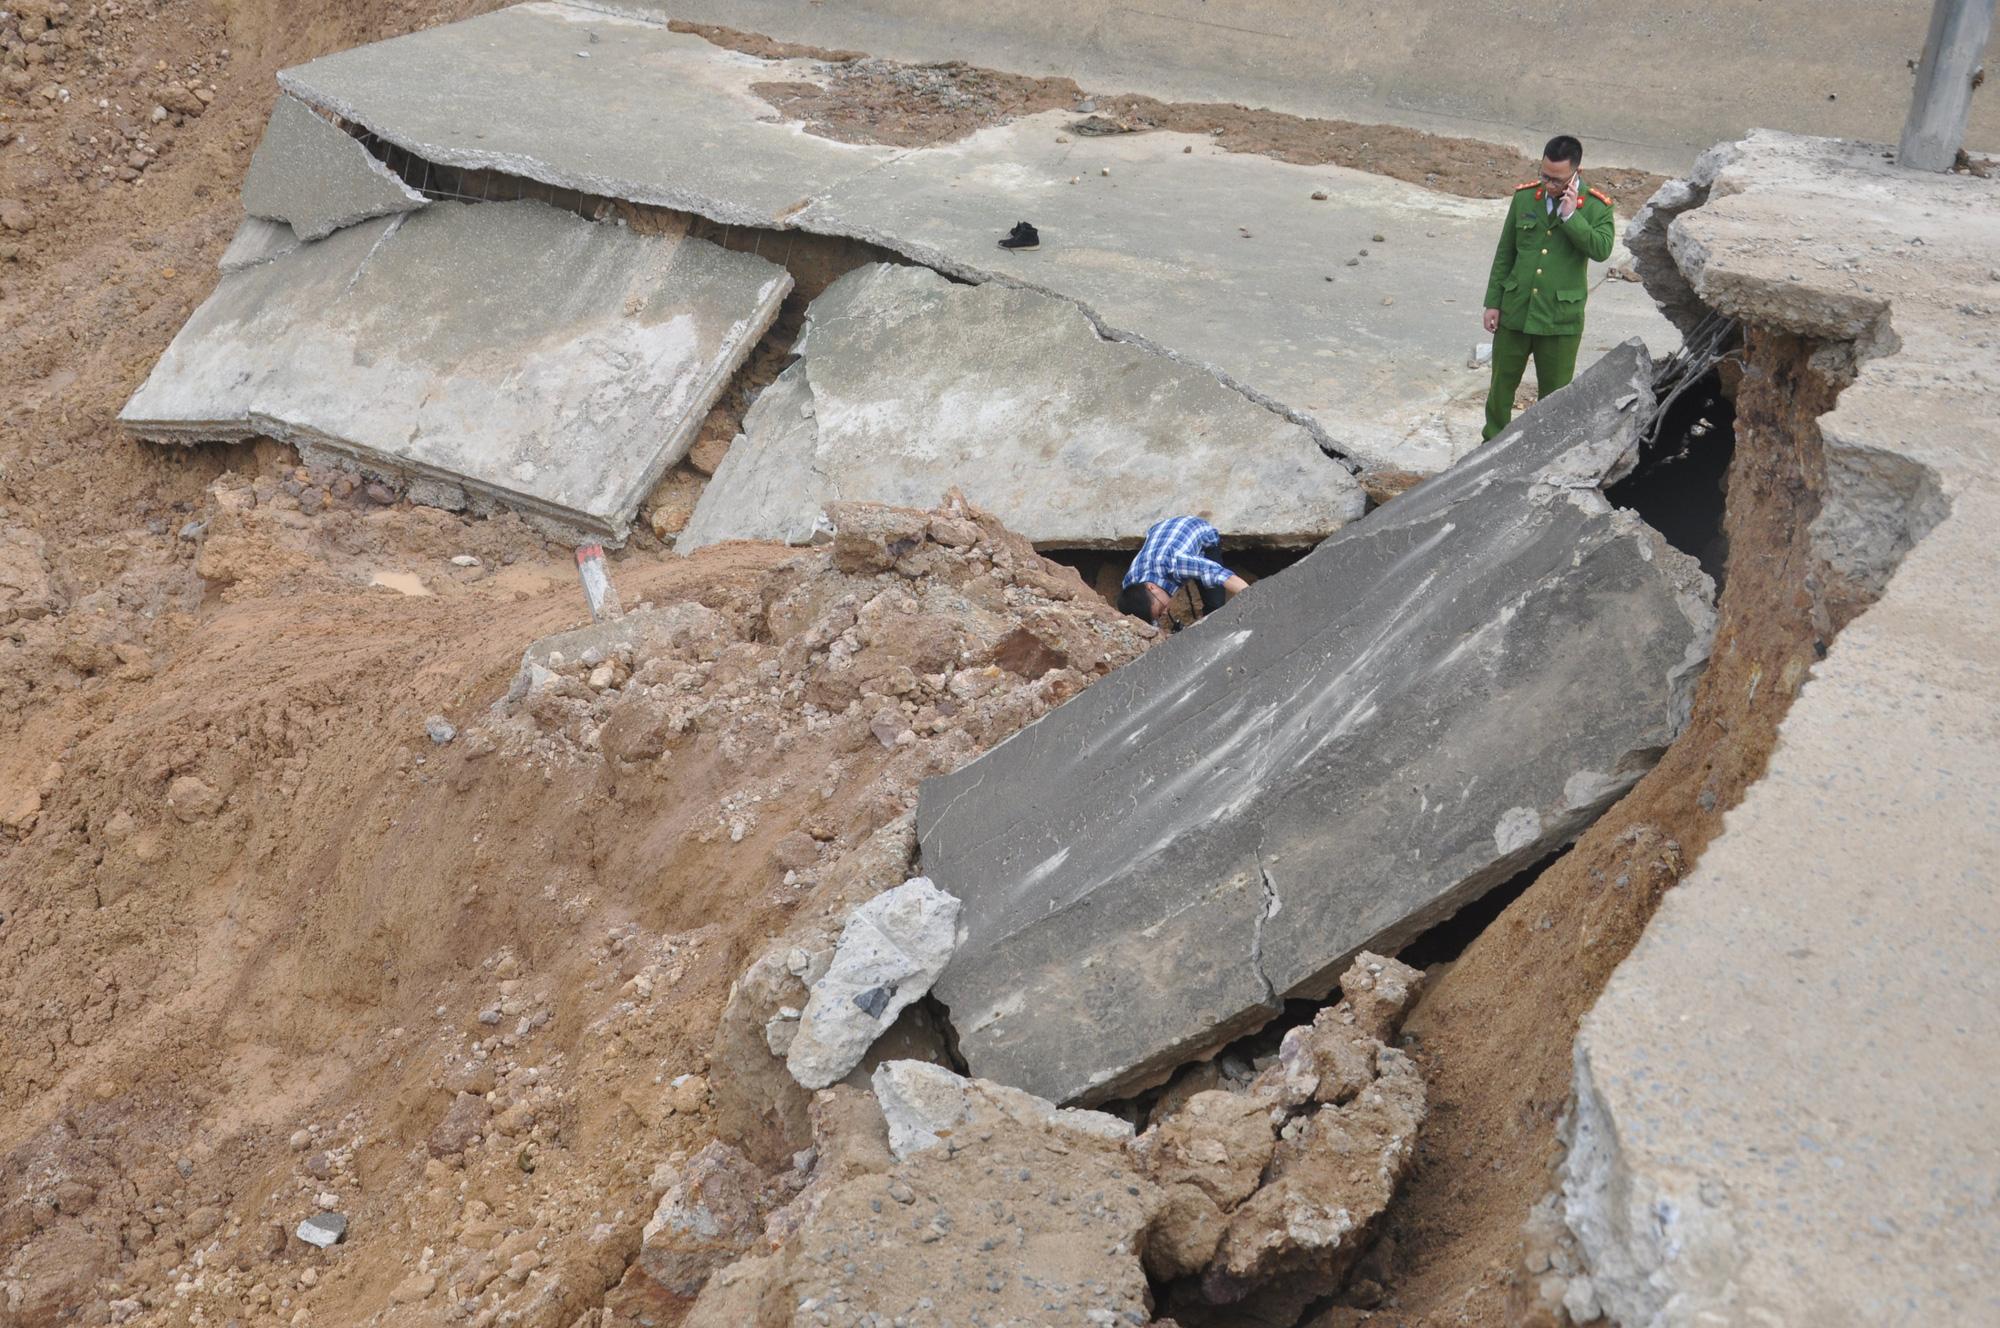 Cận cảnh sự cố vỡ kênh Bắc sông Chu - Nam sông Mã ở Thanh Hóa - Ảnh 2.